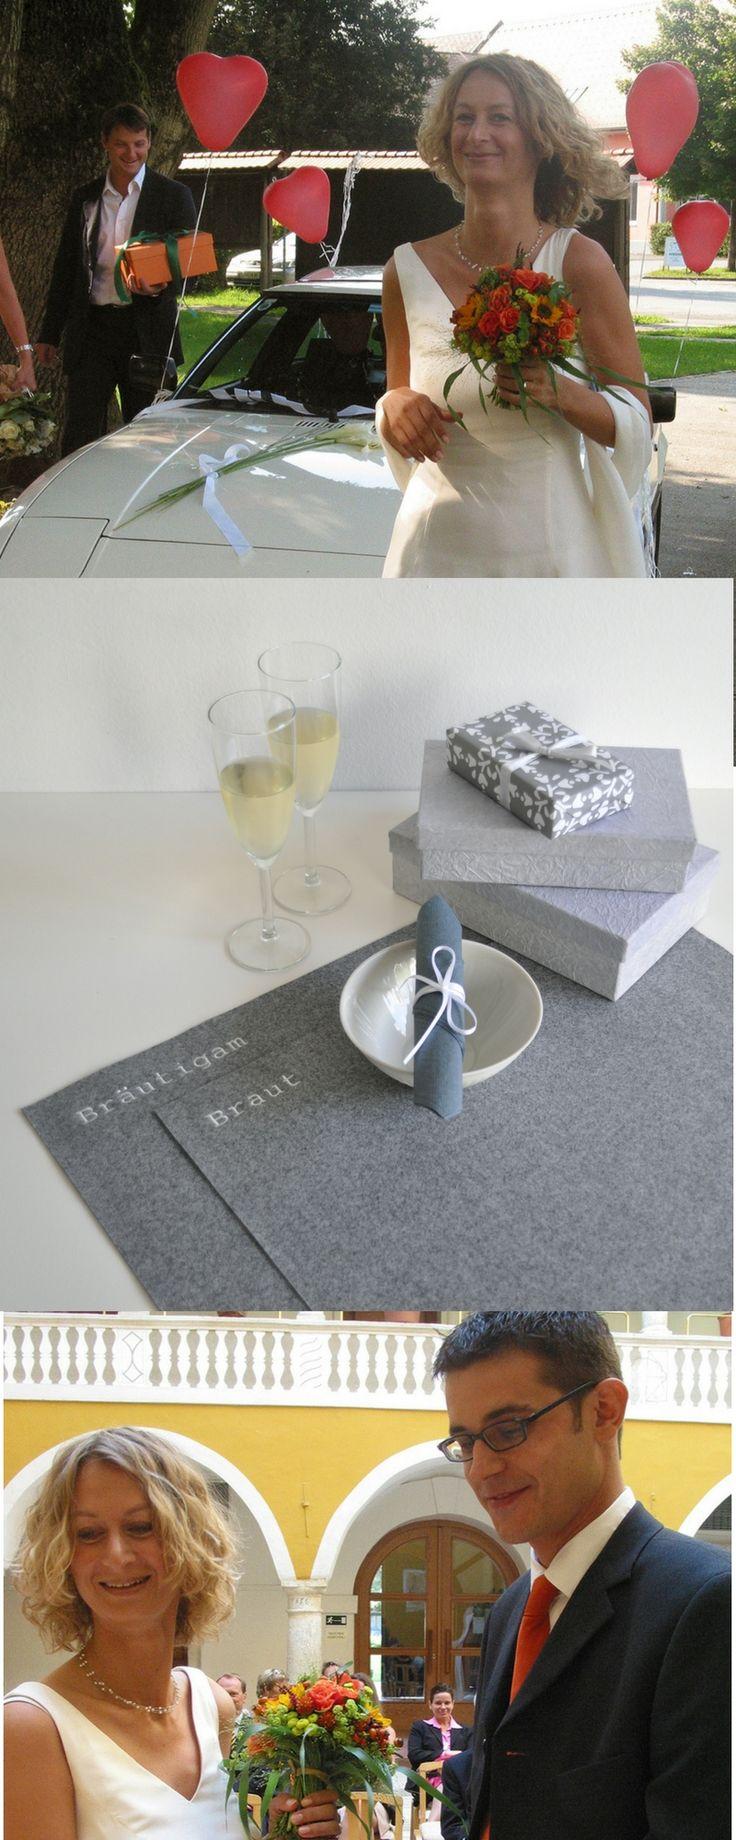 Tischset Braut Bräutigam Hochzeit Wedding Hochzeitsgeschenk Geschenk personalisiert